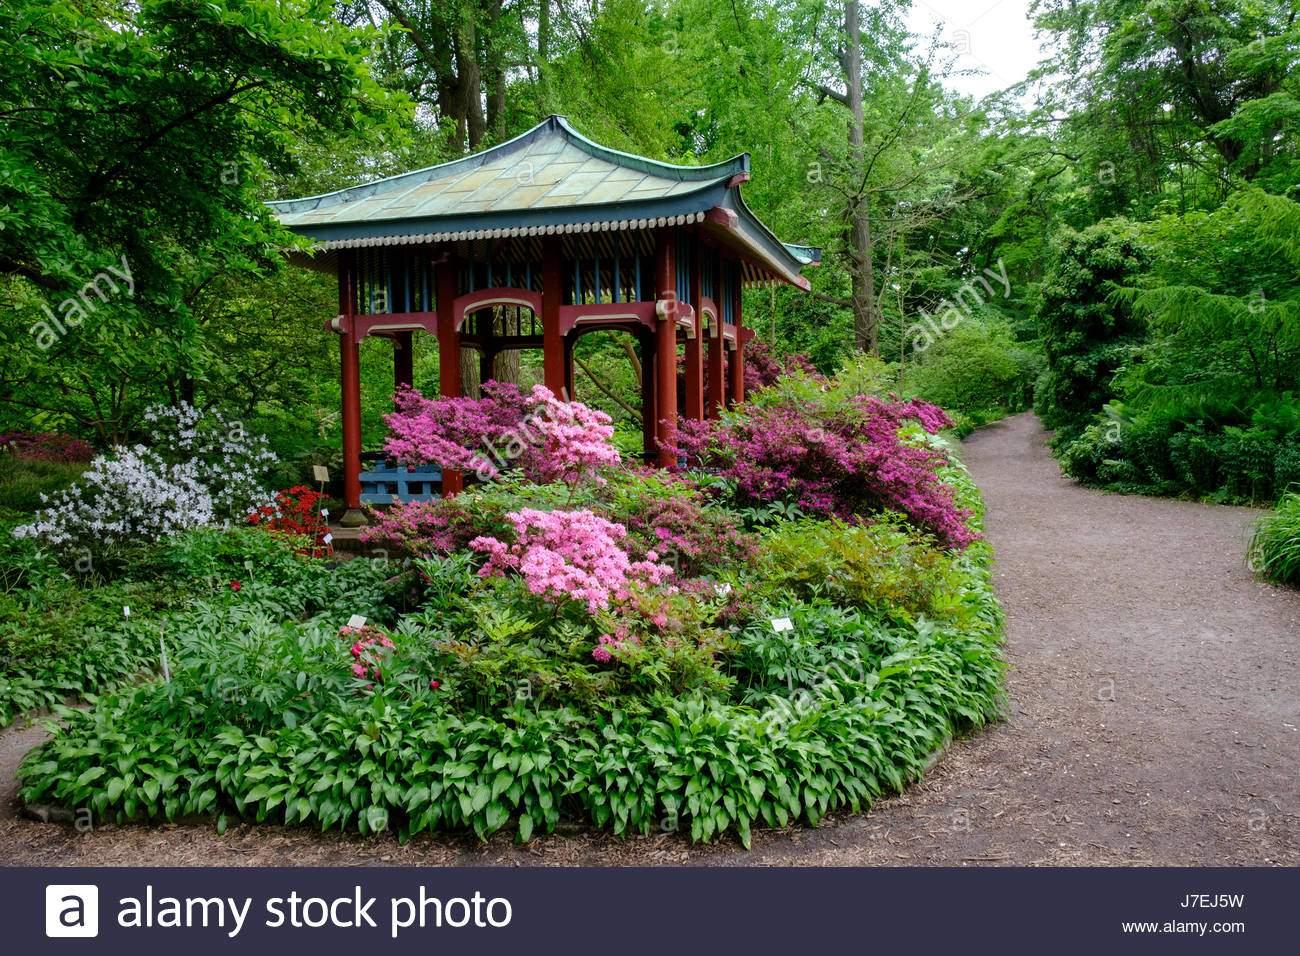 asiatischen stil pavillon im berliner botanischen garten in dahlem berlin deutschland j7ej5w